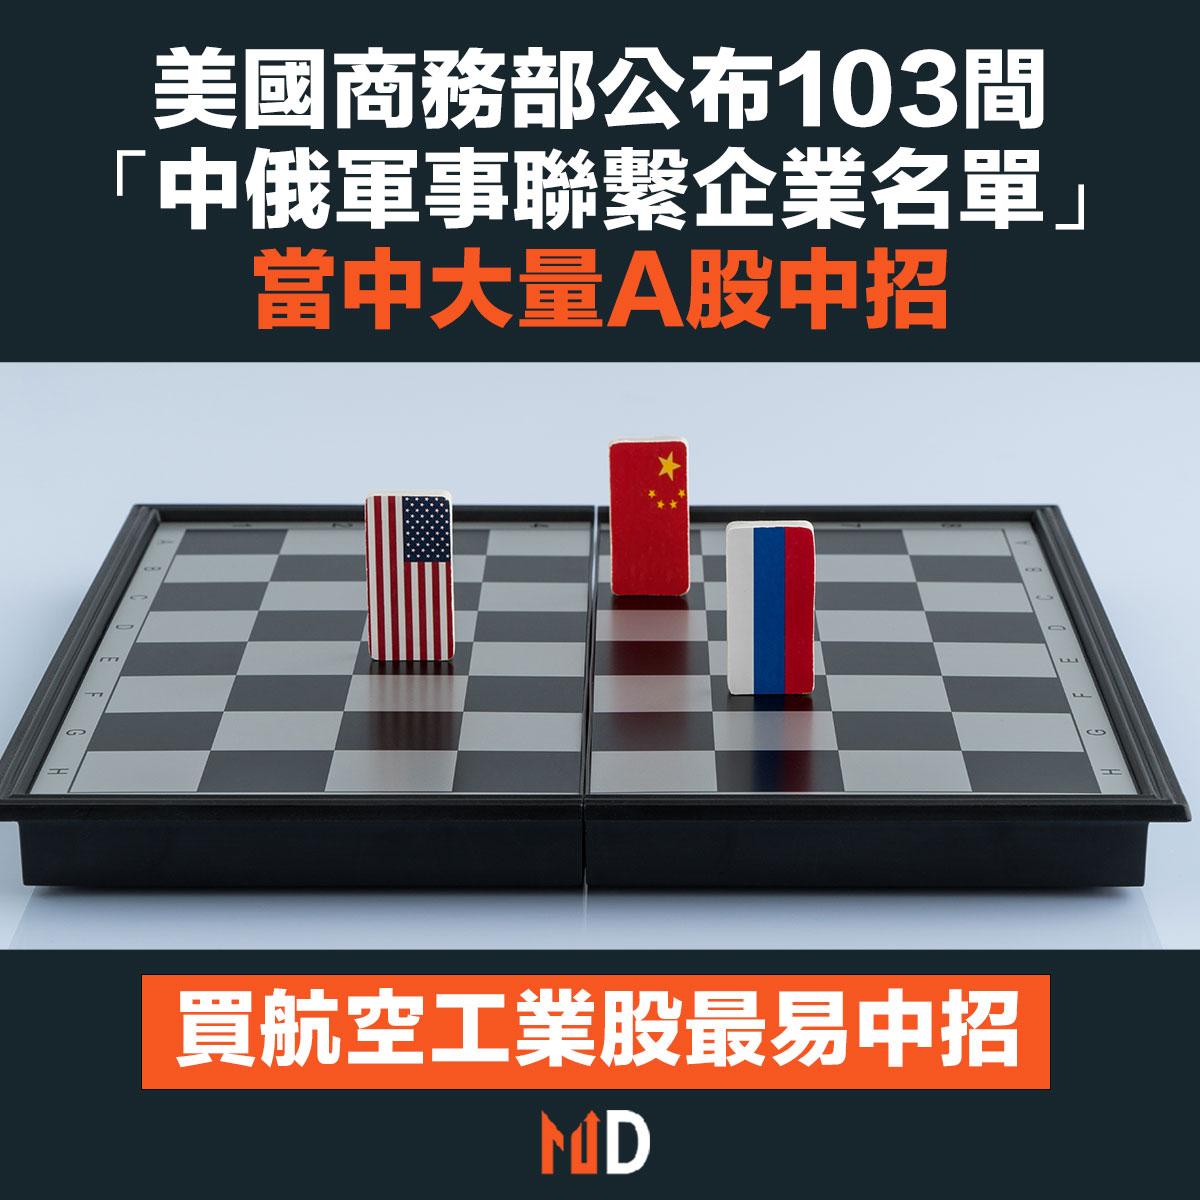 美國商務部公布103間「中俄軍事聯繫企業名單」,當中大量A股中招